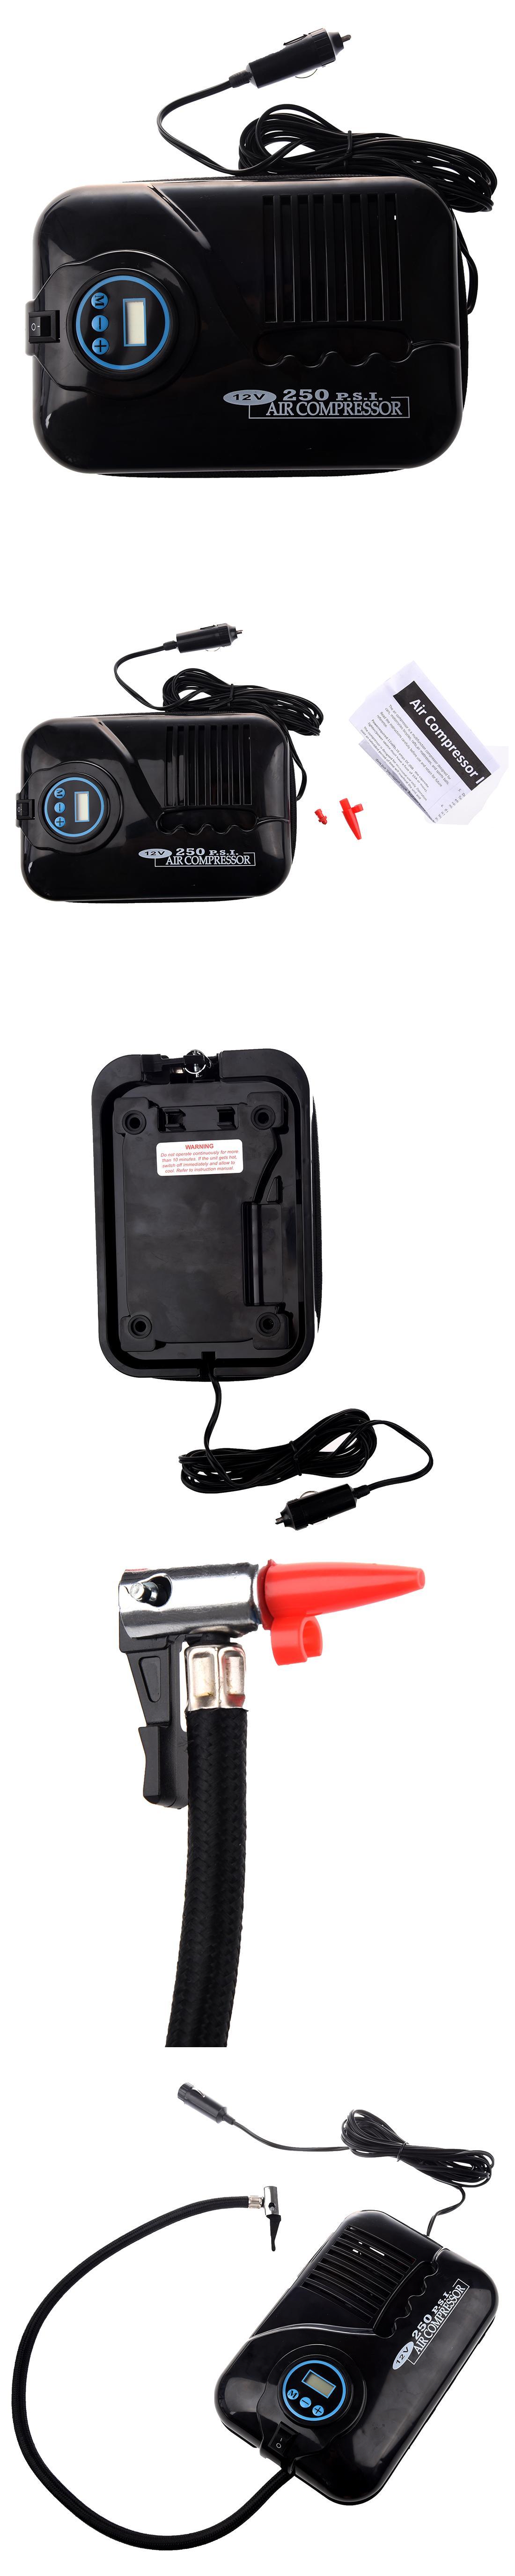 Portable 12V 250PSI Car Tire Inflator Pump Auto Car Pump